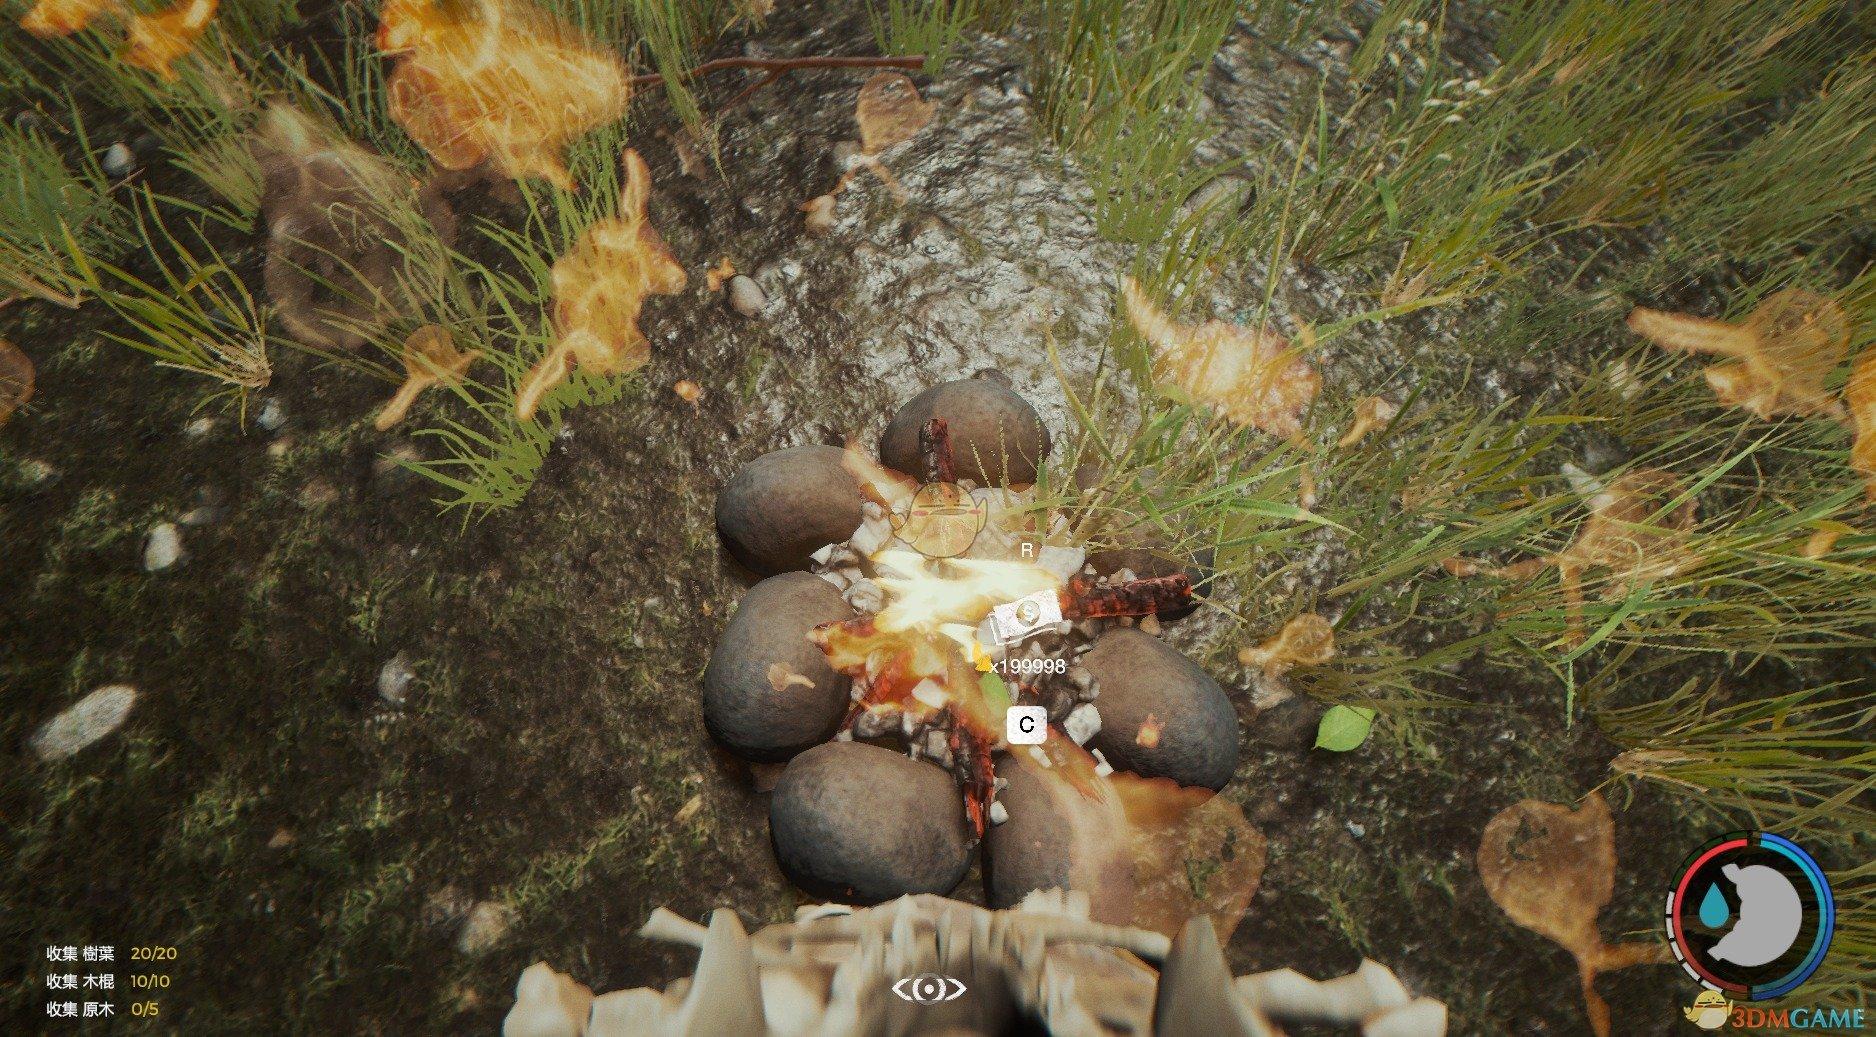 《森林》迷失森林生计攻略之——负面作用介绍